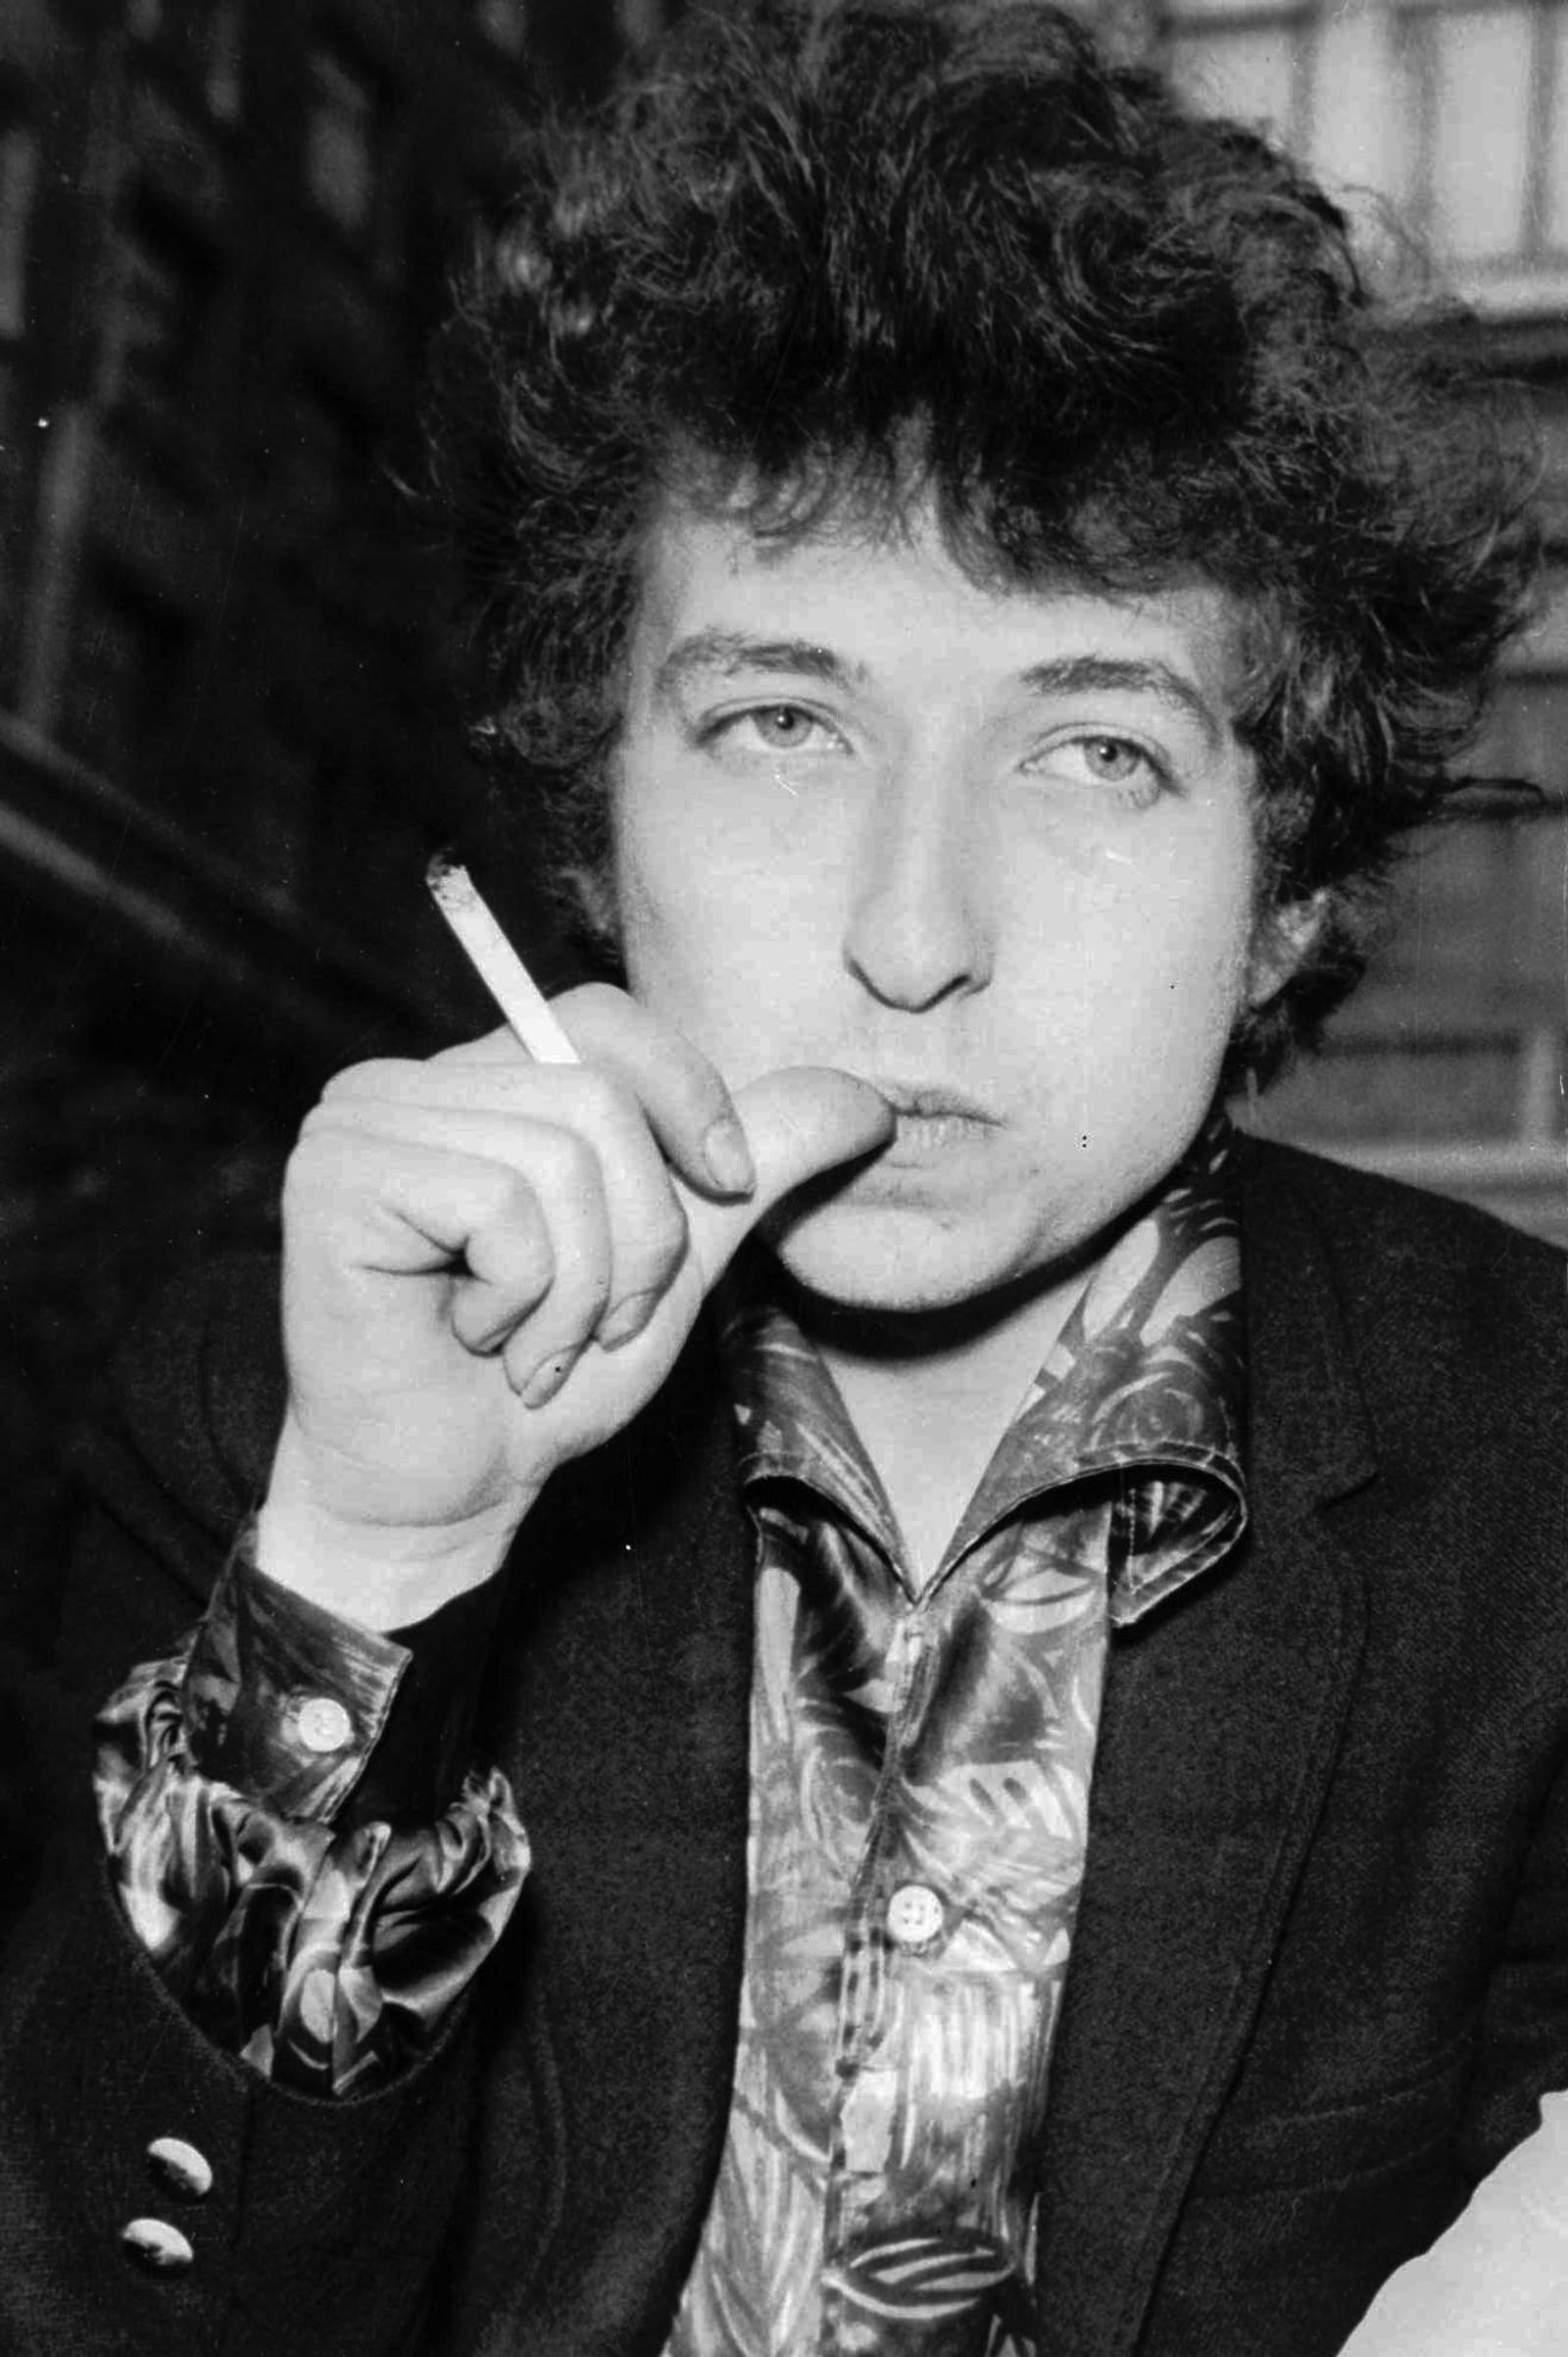 Bob Dylan i 1965, som 24-åring.